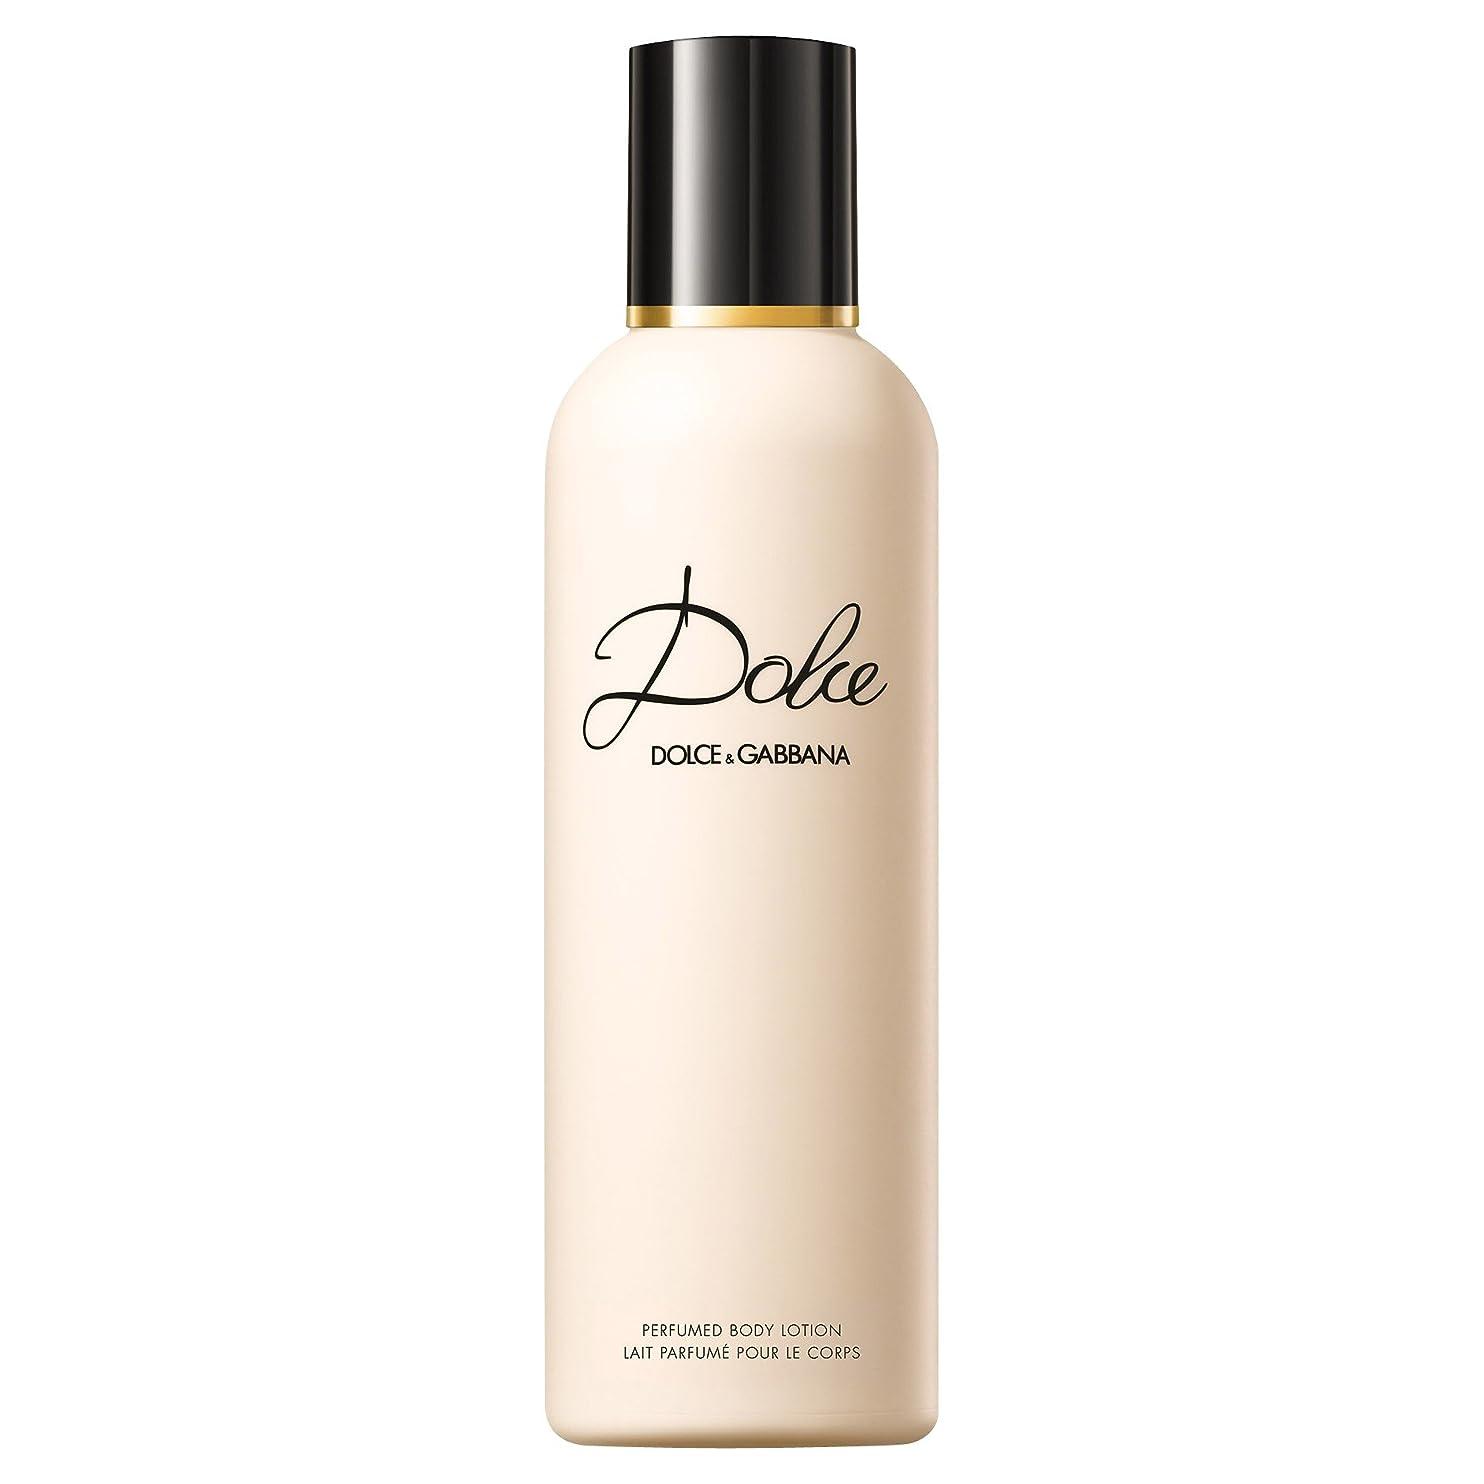 睡眠皮肉トライアスリートドルチェ&ガッバーナドルチェのボディローション200ミリリットル (Dolce & Gabbana) - Dolce & Gabbana Dolce Body Lotion 200ml [並行輸入品]